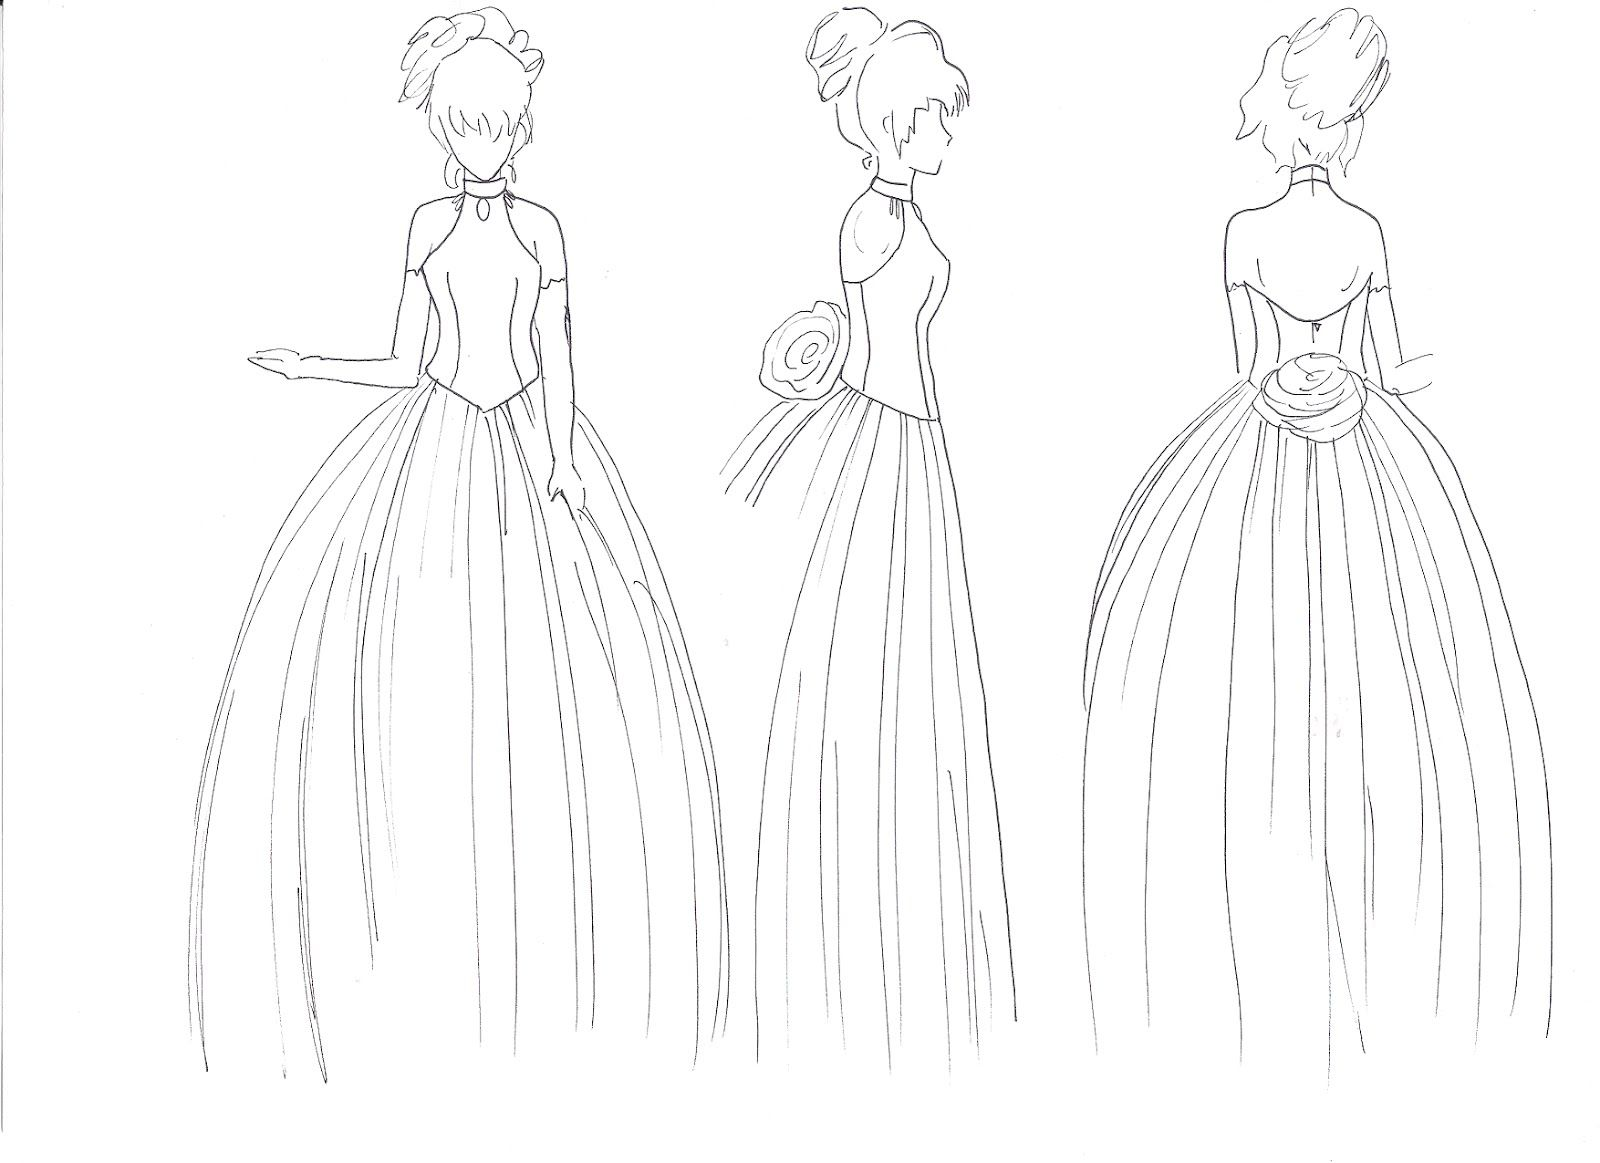 Como Dibujar Vestido De Princesa Como Dibujar Vestidos Como Dibujar Ropa Como Dibujar Manga